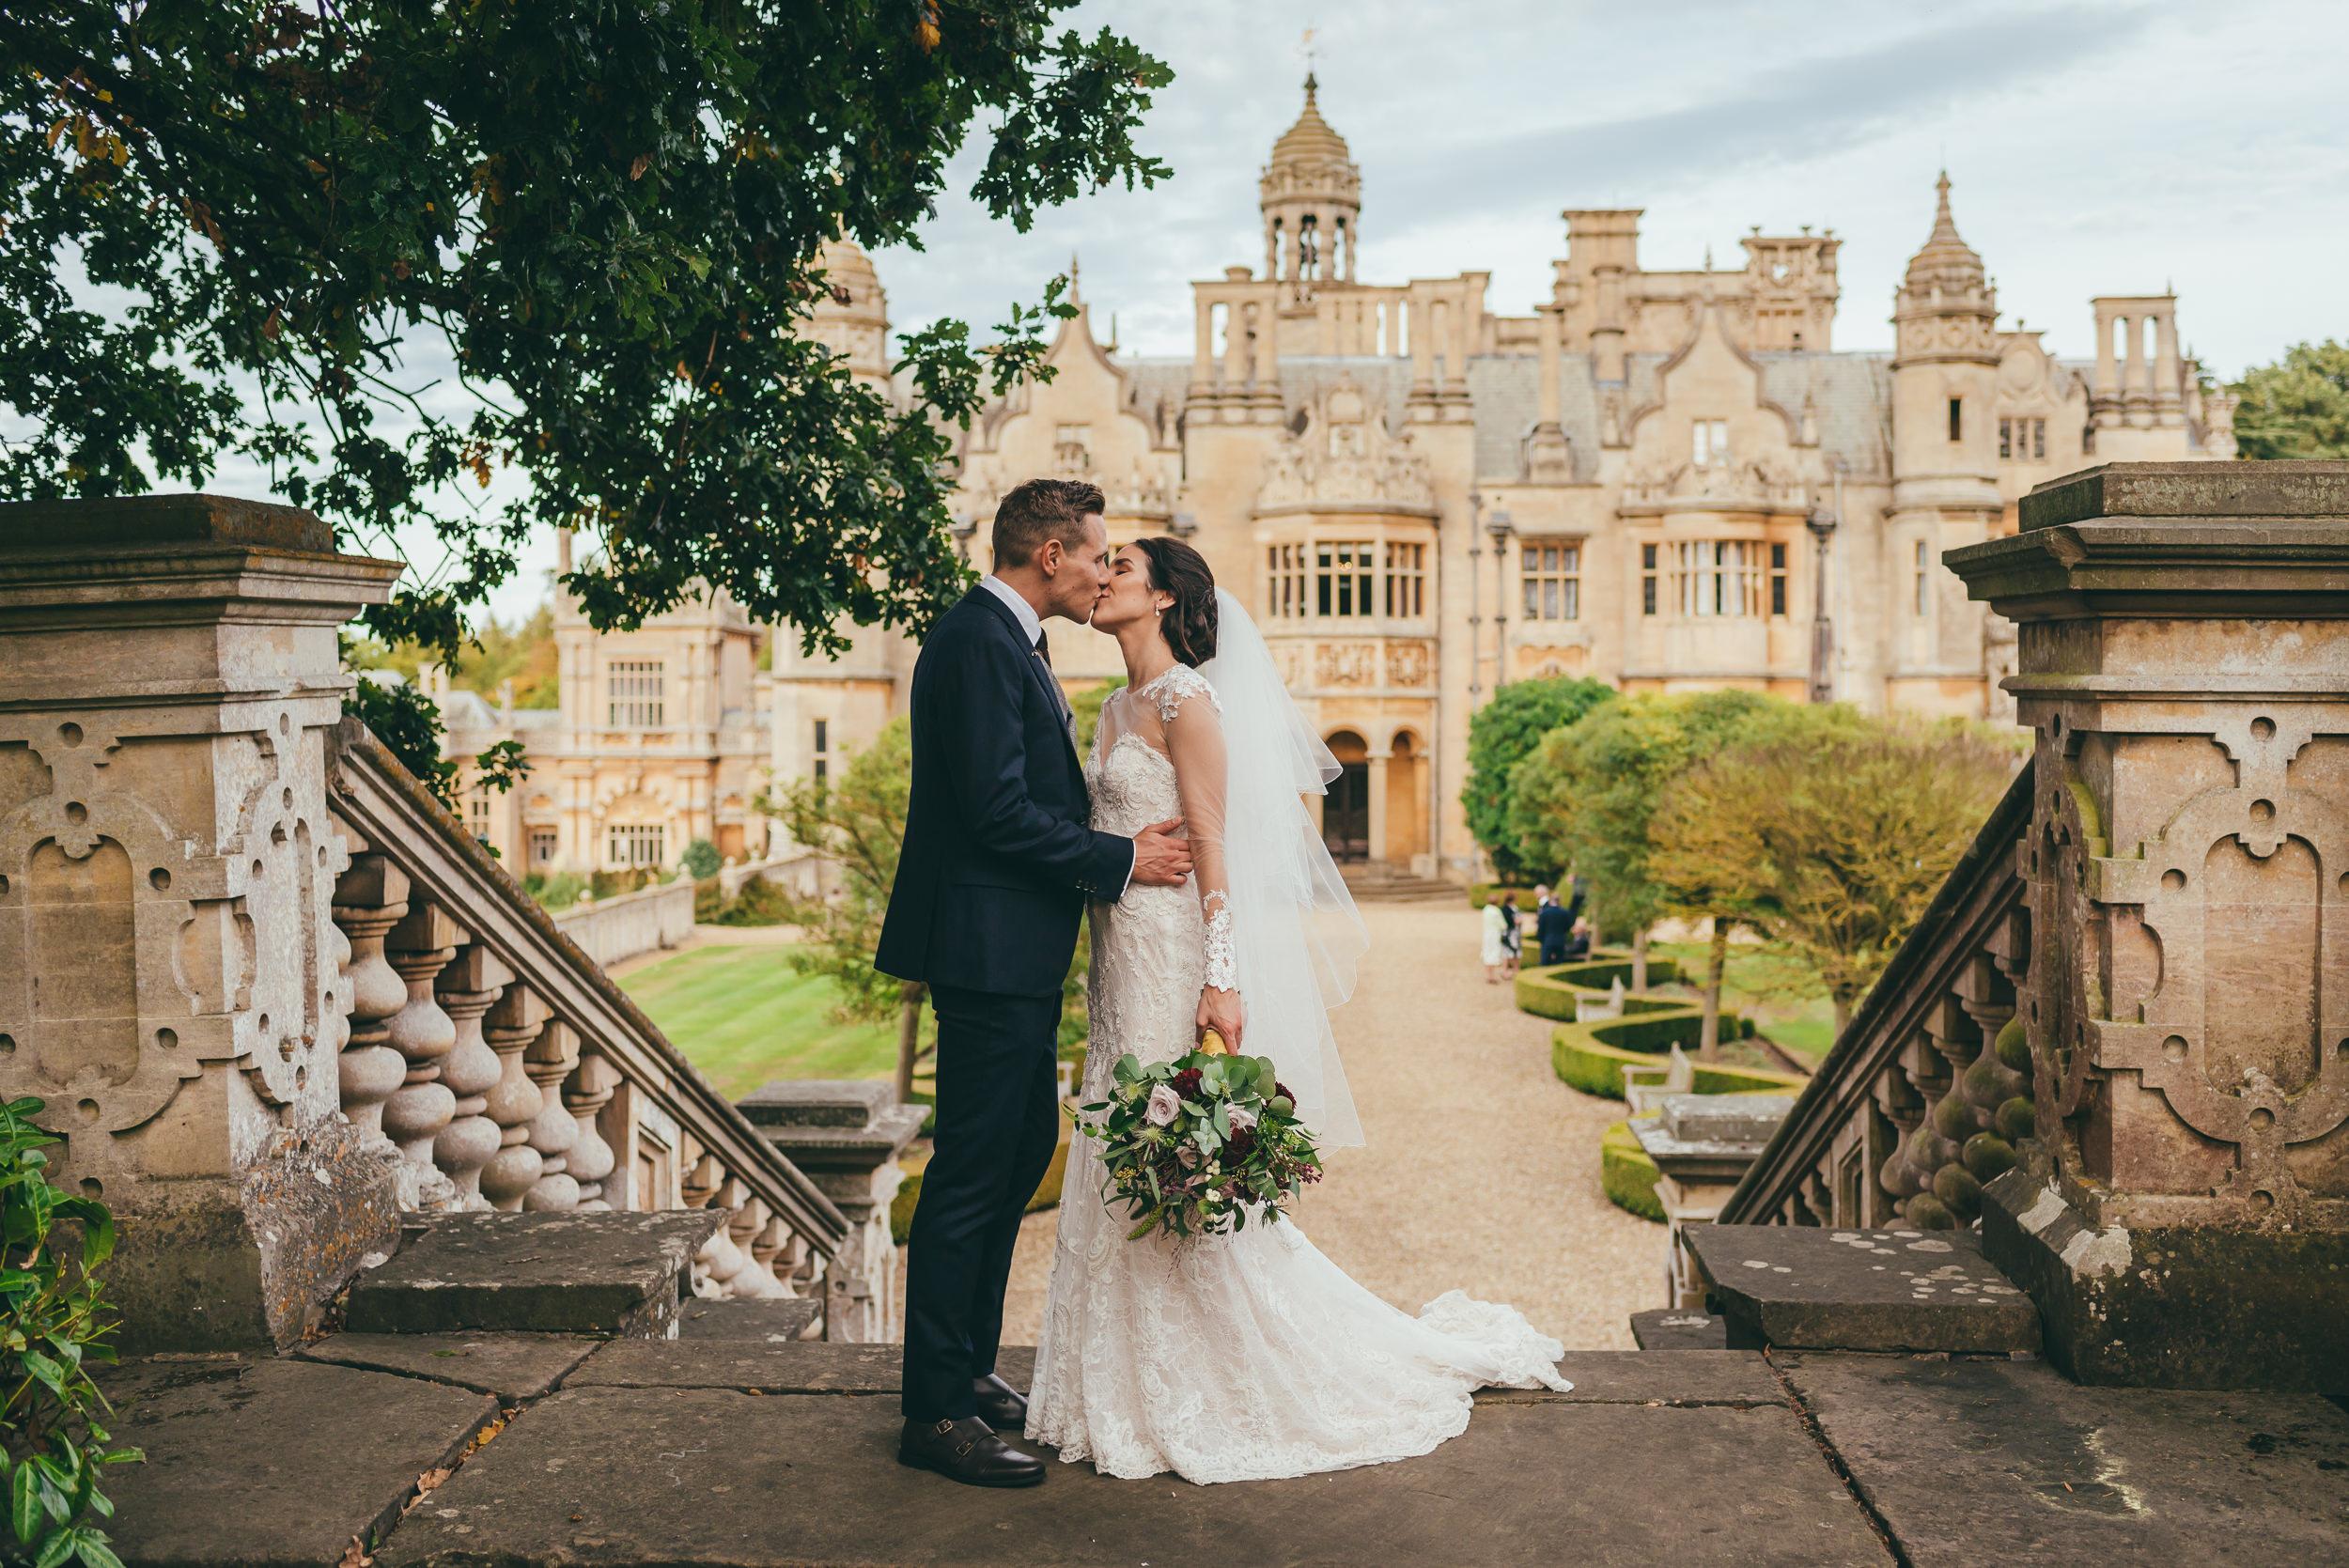 harlaxton-manor-wedding.jpg